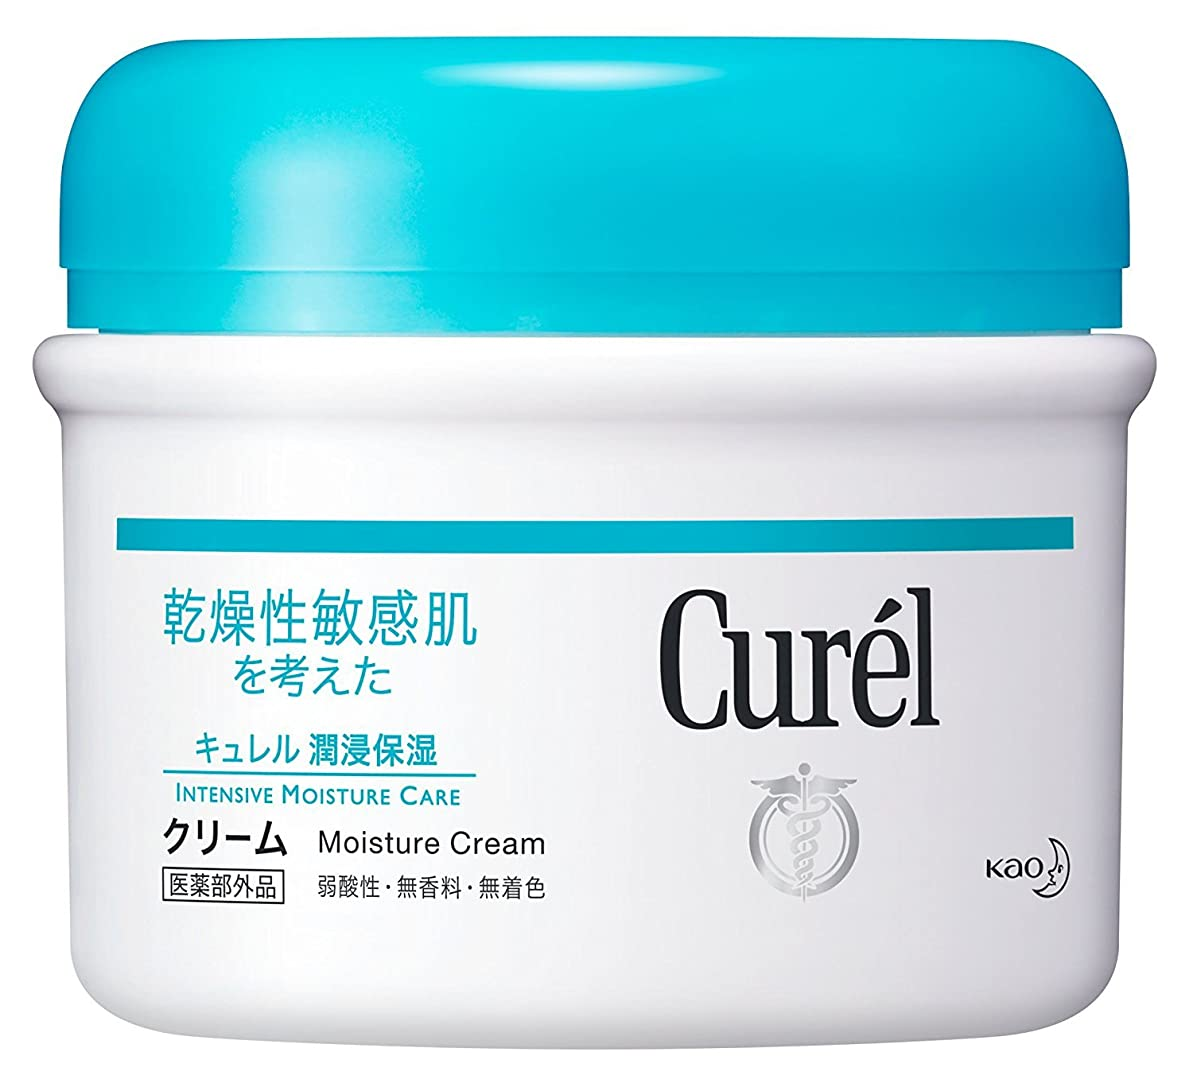 骨裁判官購入【花王】キュレル 薬用クリーム 90g ×20個セット